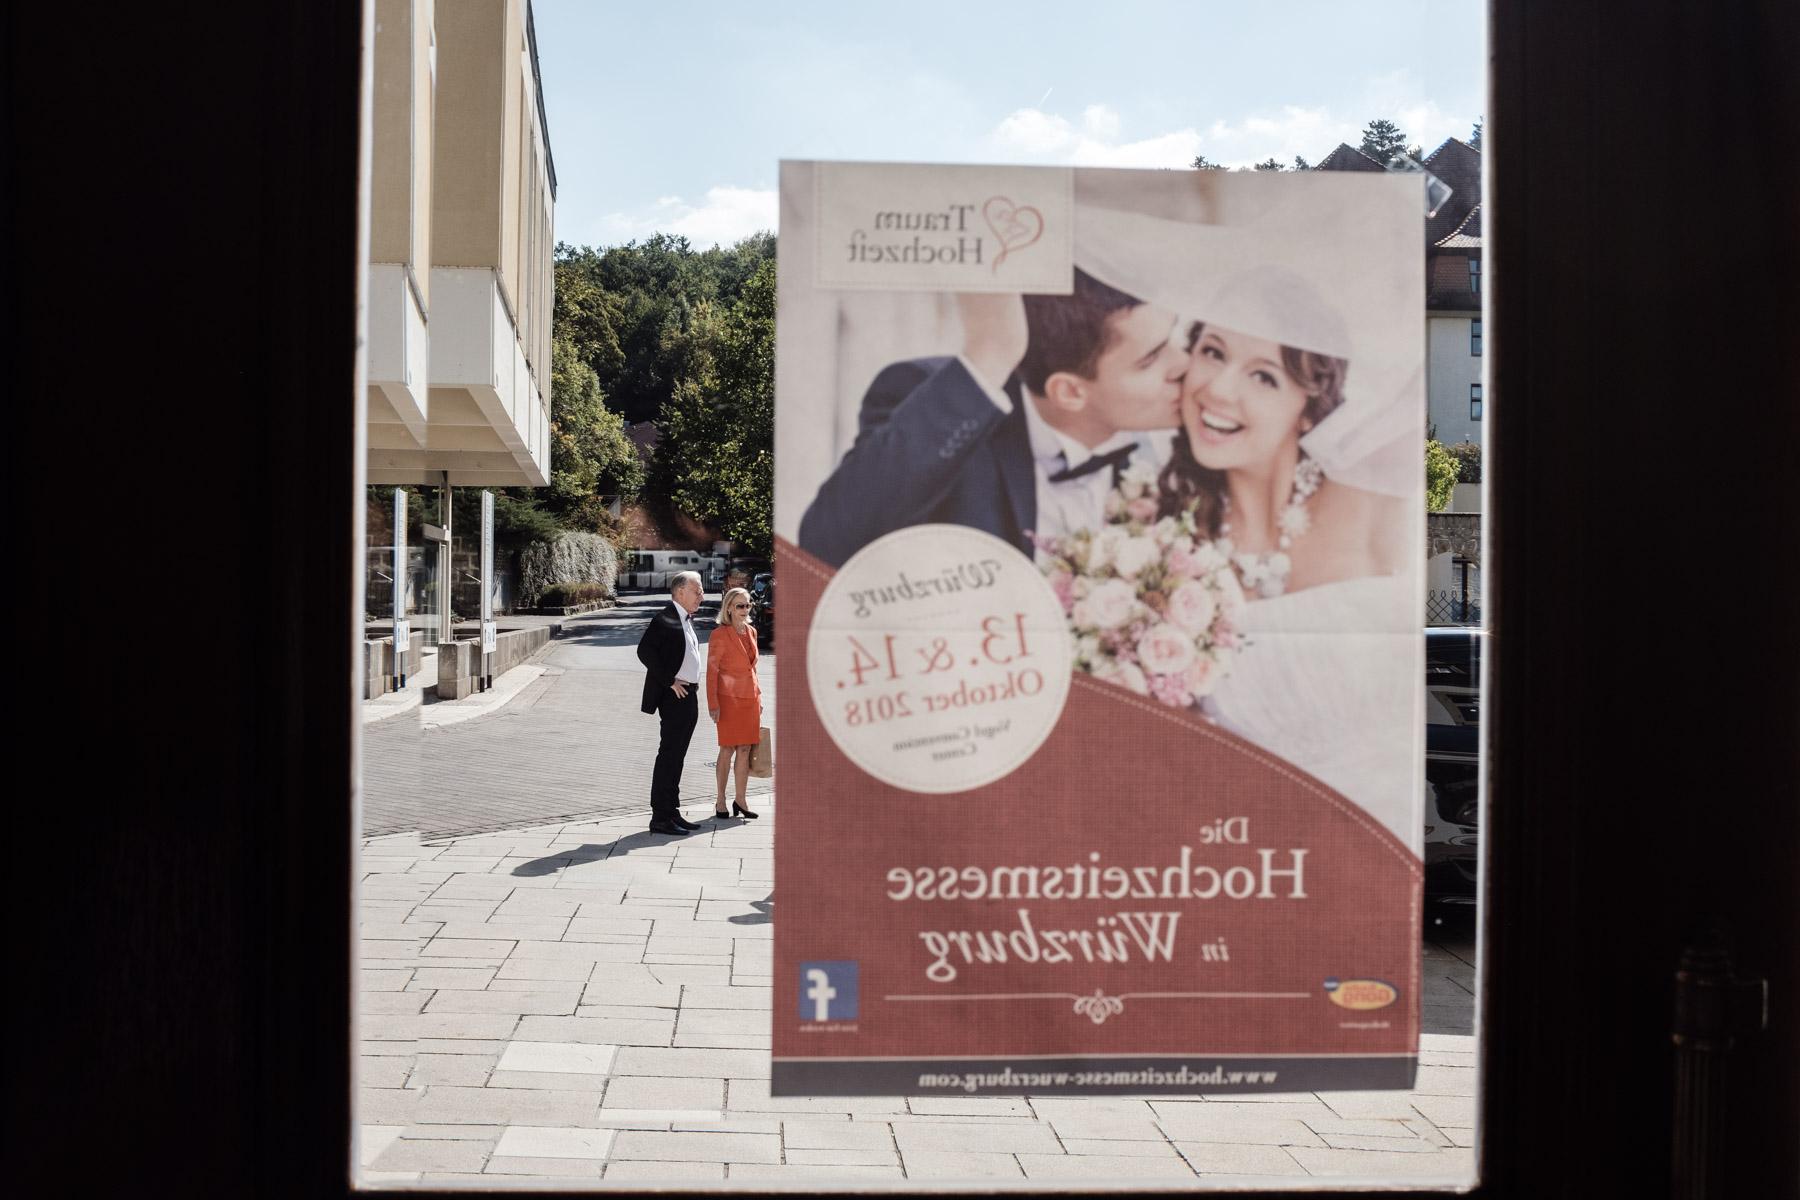 MartinLiebl_Kein_Hochzeitsfotograf_Blog_CWF_Bad_Neustadt_20.jpg